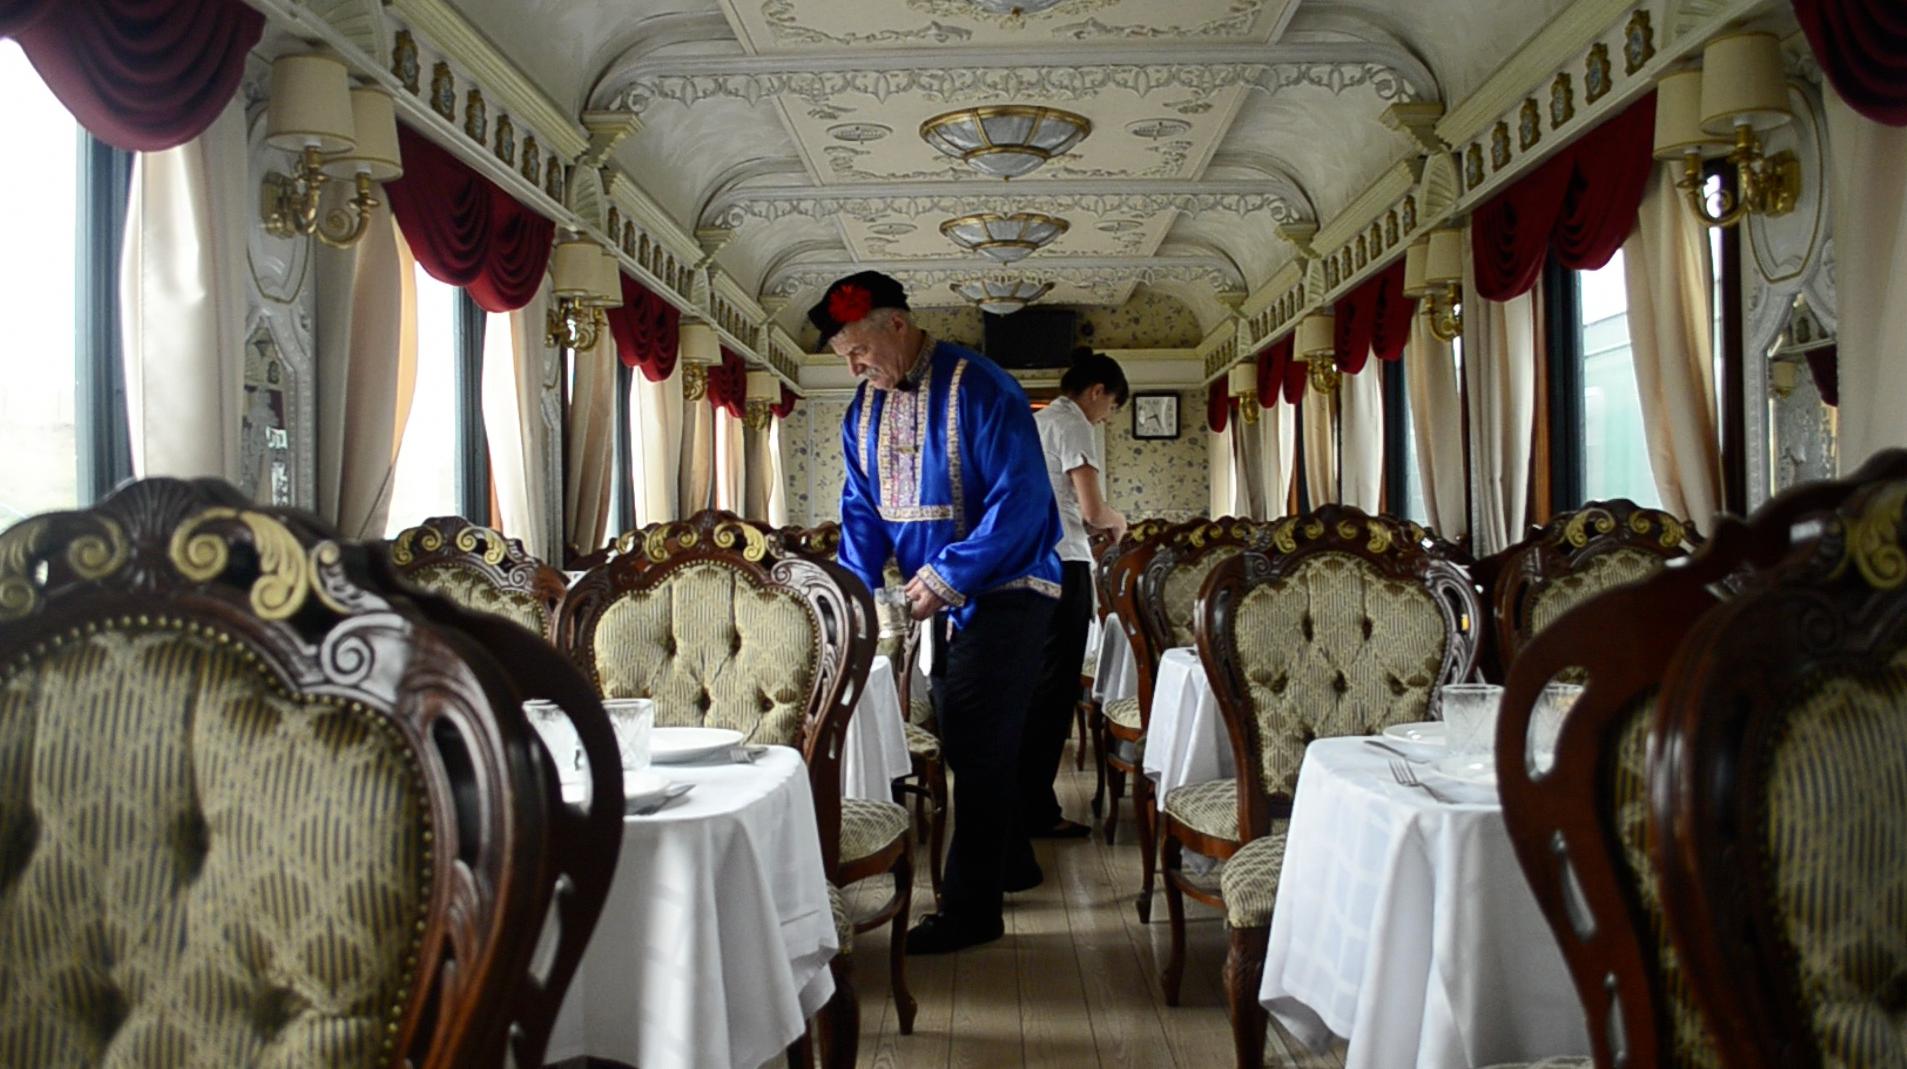 Trem Transiberiano, que vai de Moscou a Pequim | Créditos: Eurasia Trains & Tours